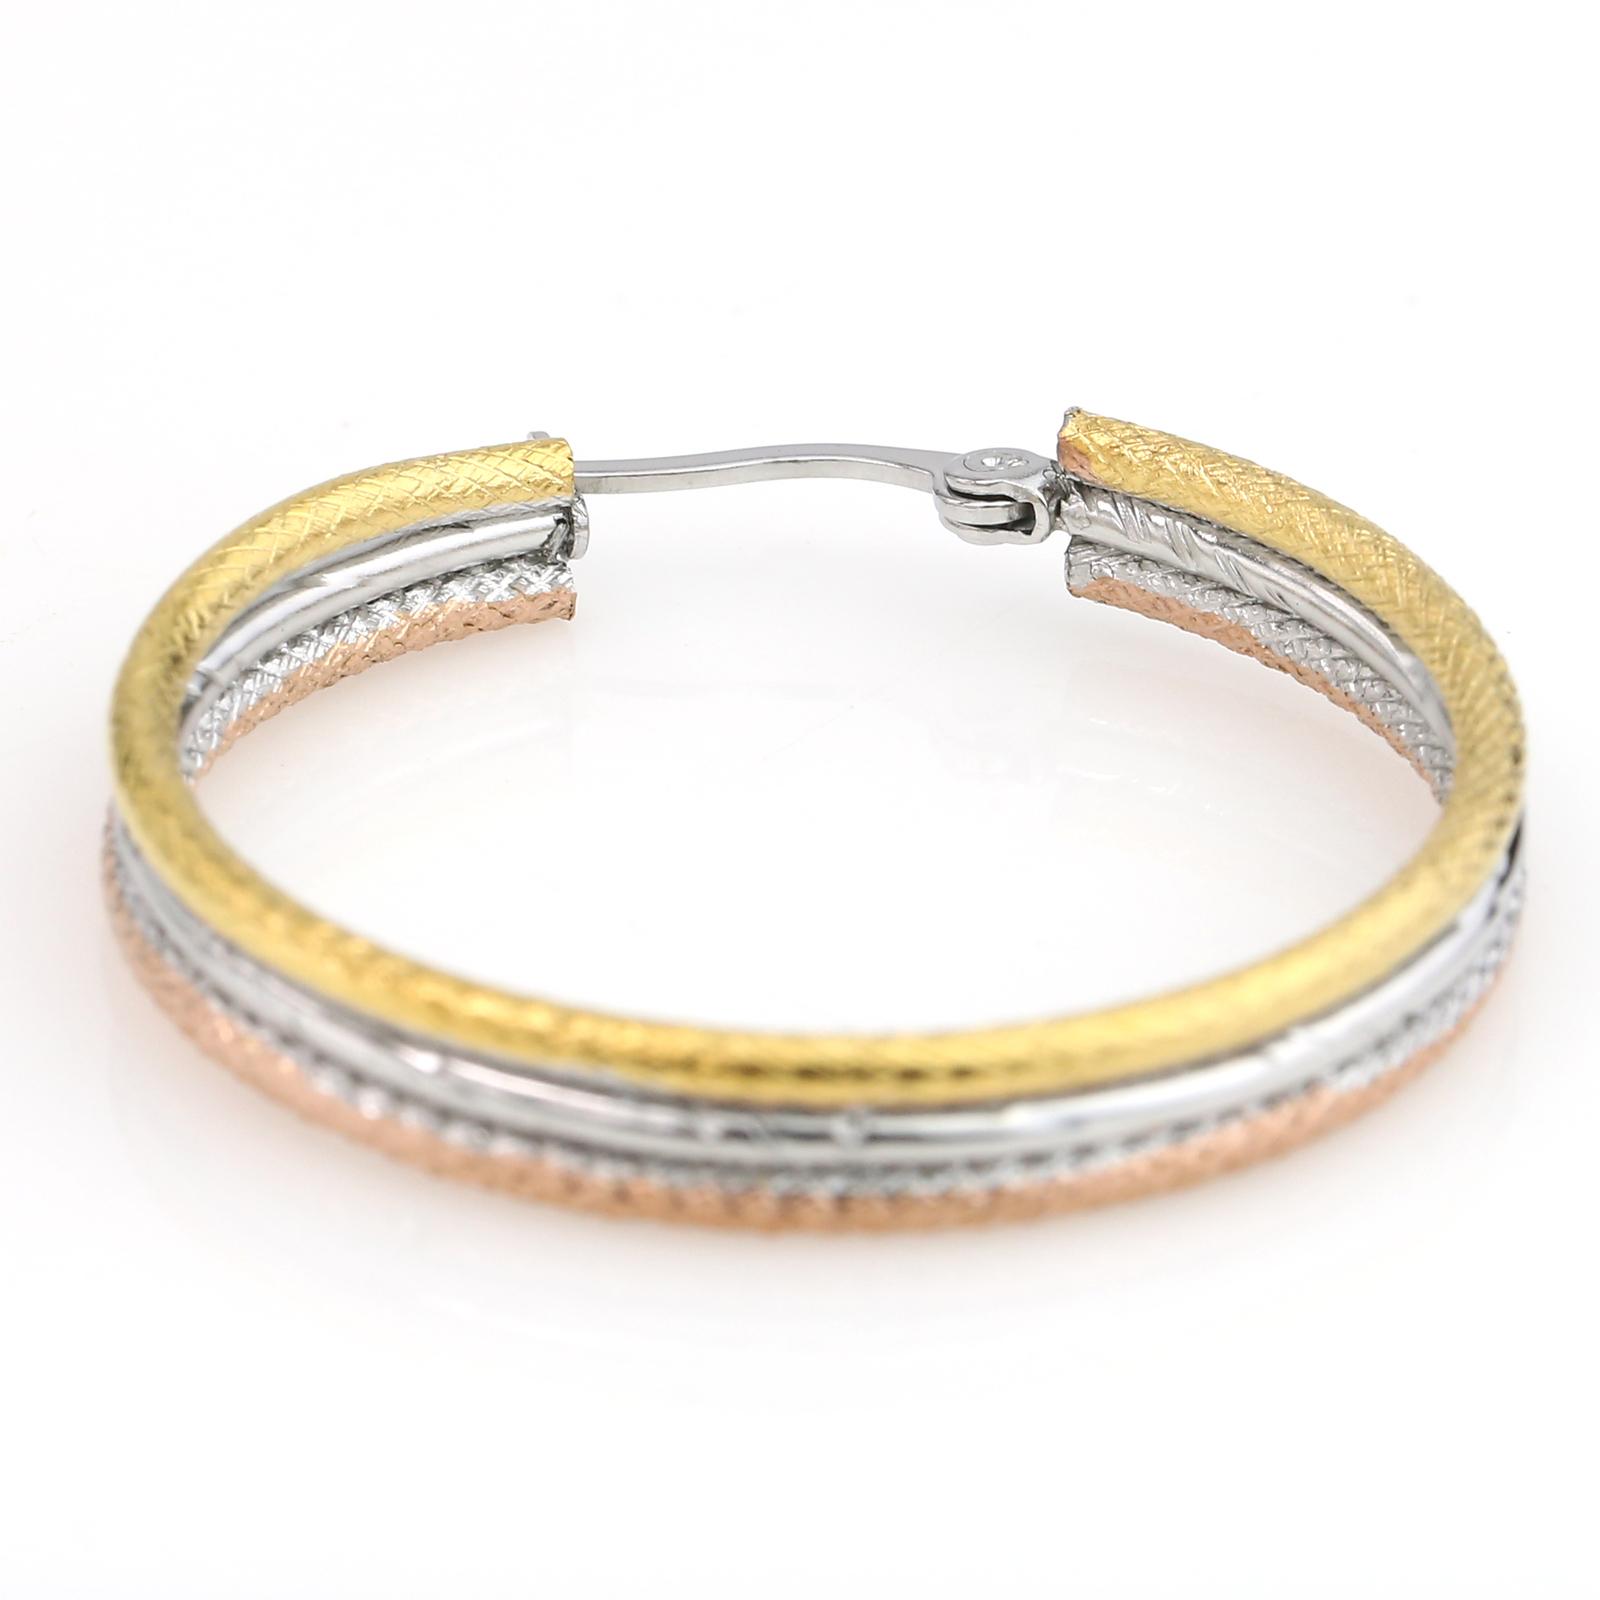 Sleek Textured Tri-Color Silver, Gold & Rose Tone Hoop Earrings- United Elegance